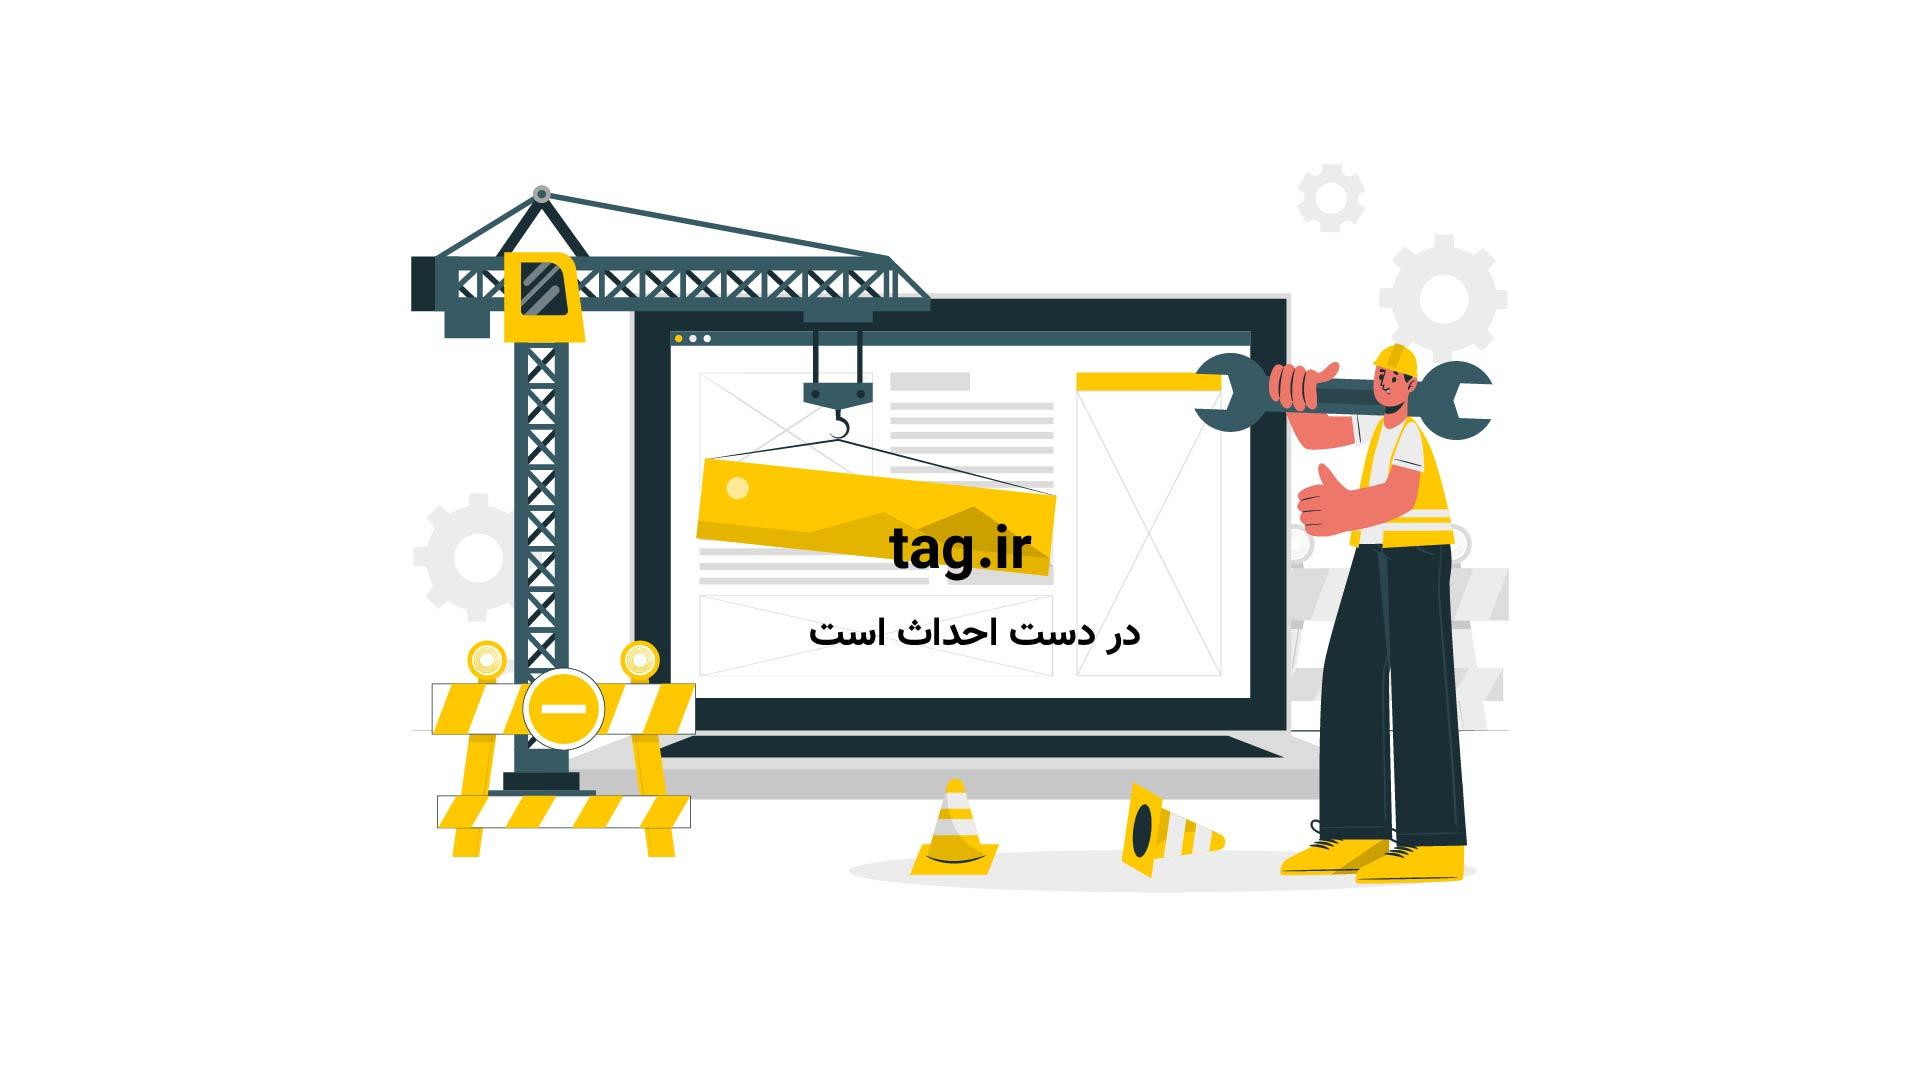 پرداخت ۹ میلیارد تومان غرامت به کشاورزان سیل زده لرستان | فیلم